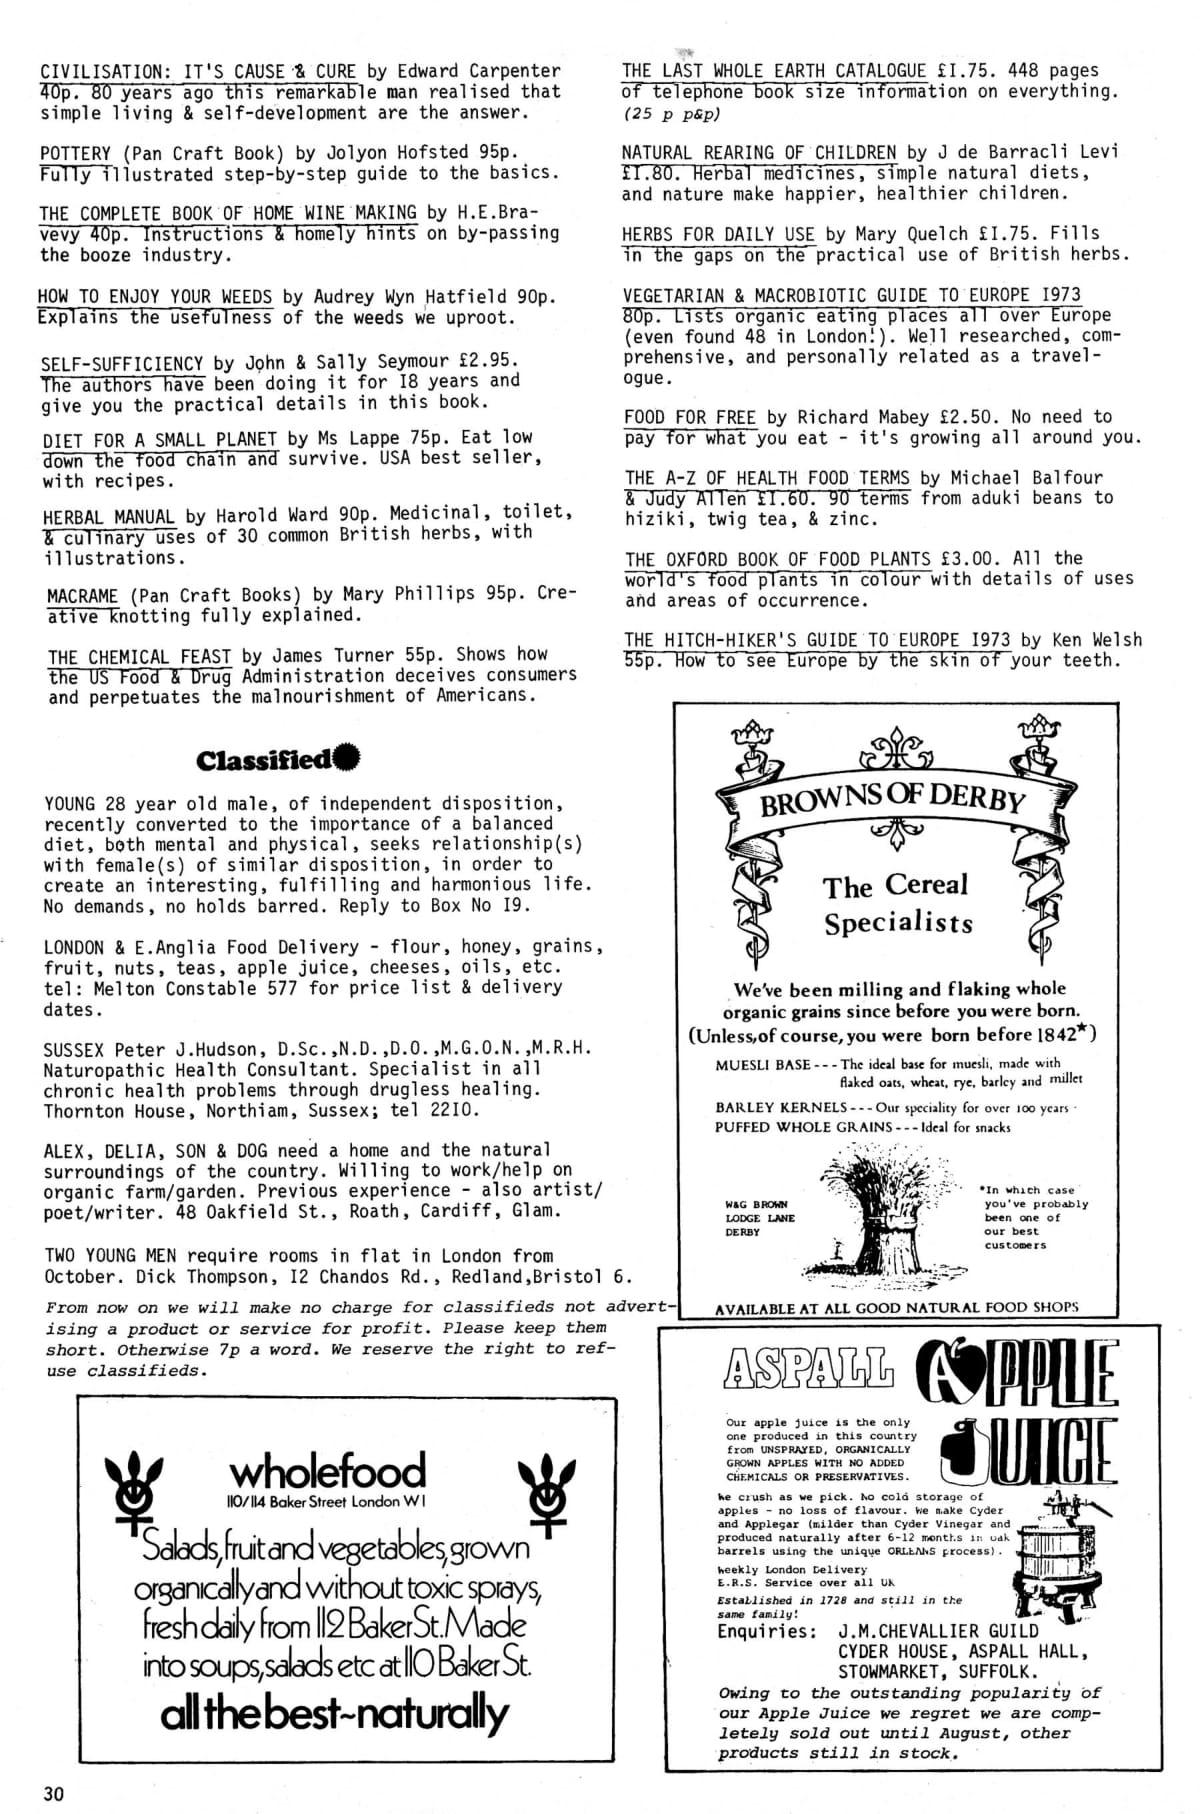 seed-v2-n7-july1973-30.jpg